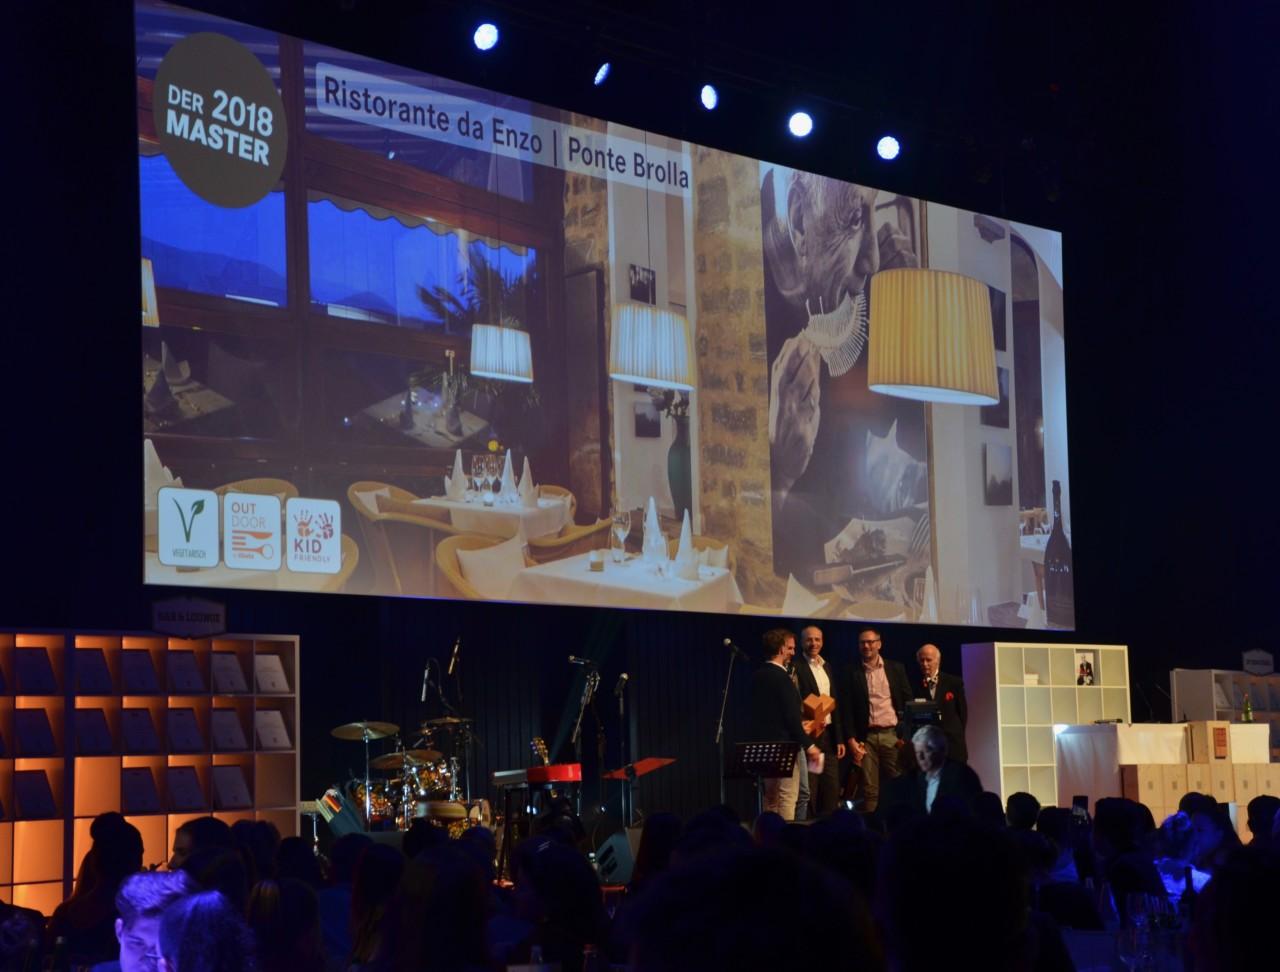 Der grosse Gewinner der diesjährigen Award Night: Das Ristorante da Enzo. Foto: Lunchgate/Anna